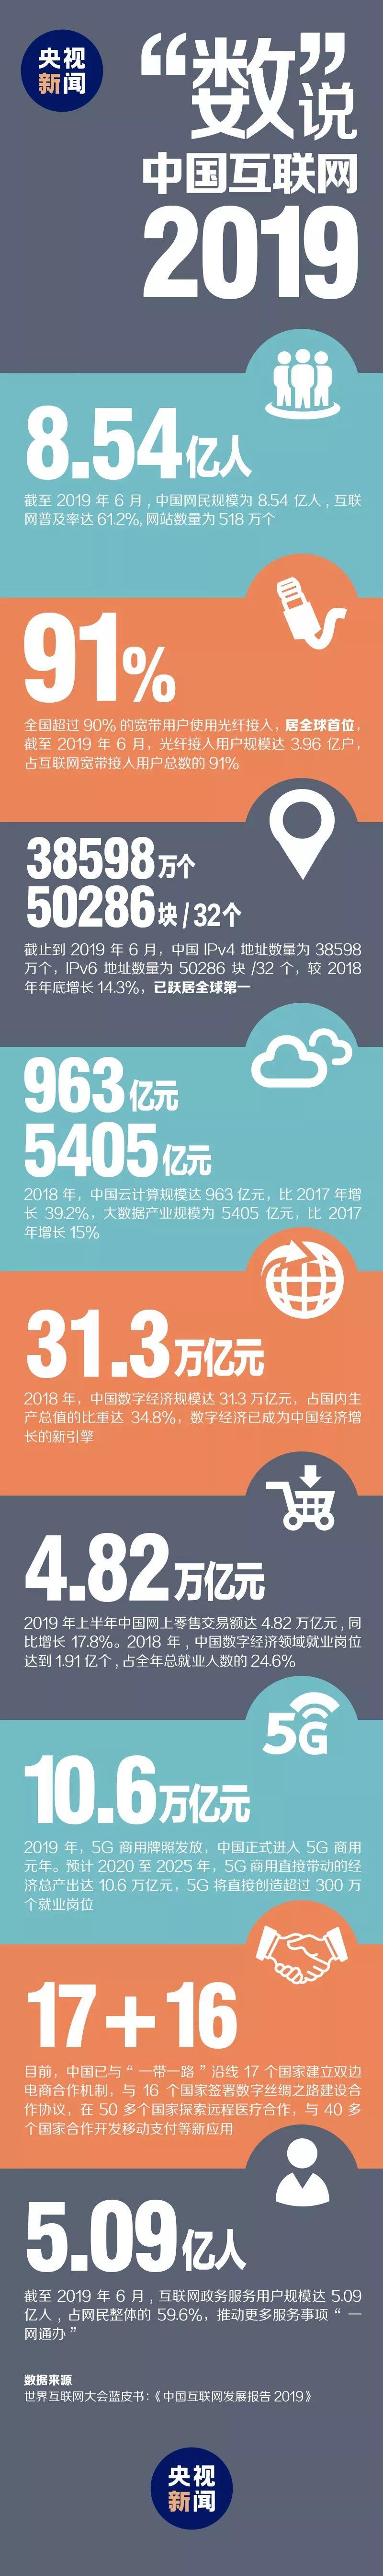 搜狐仅提供信息存储空间服务